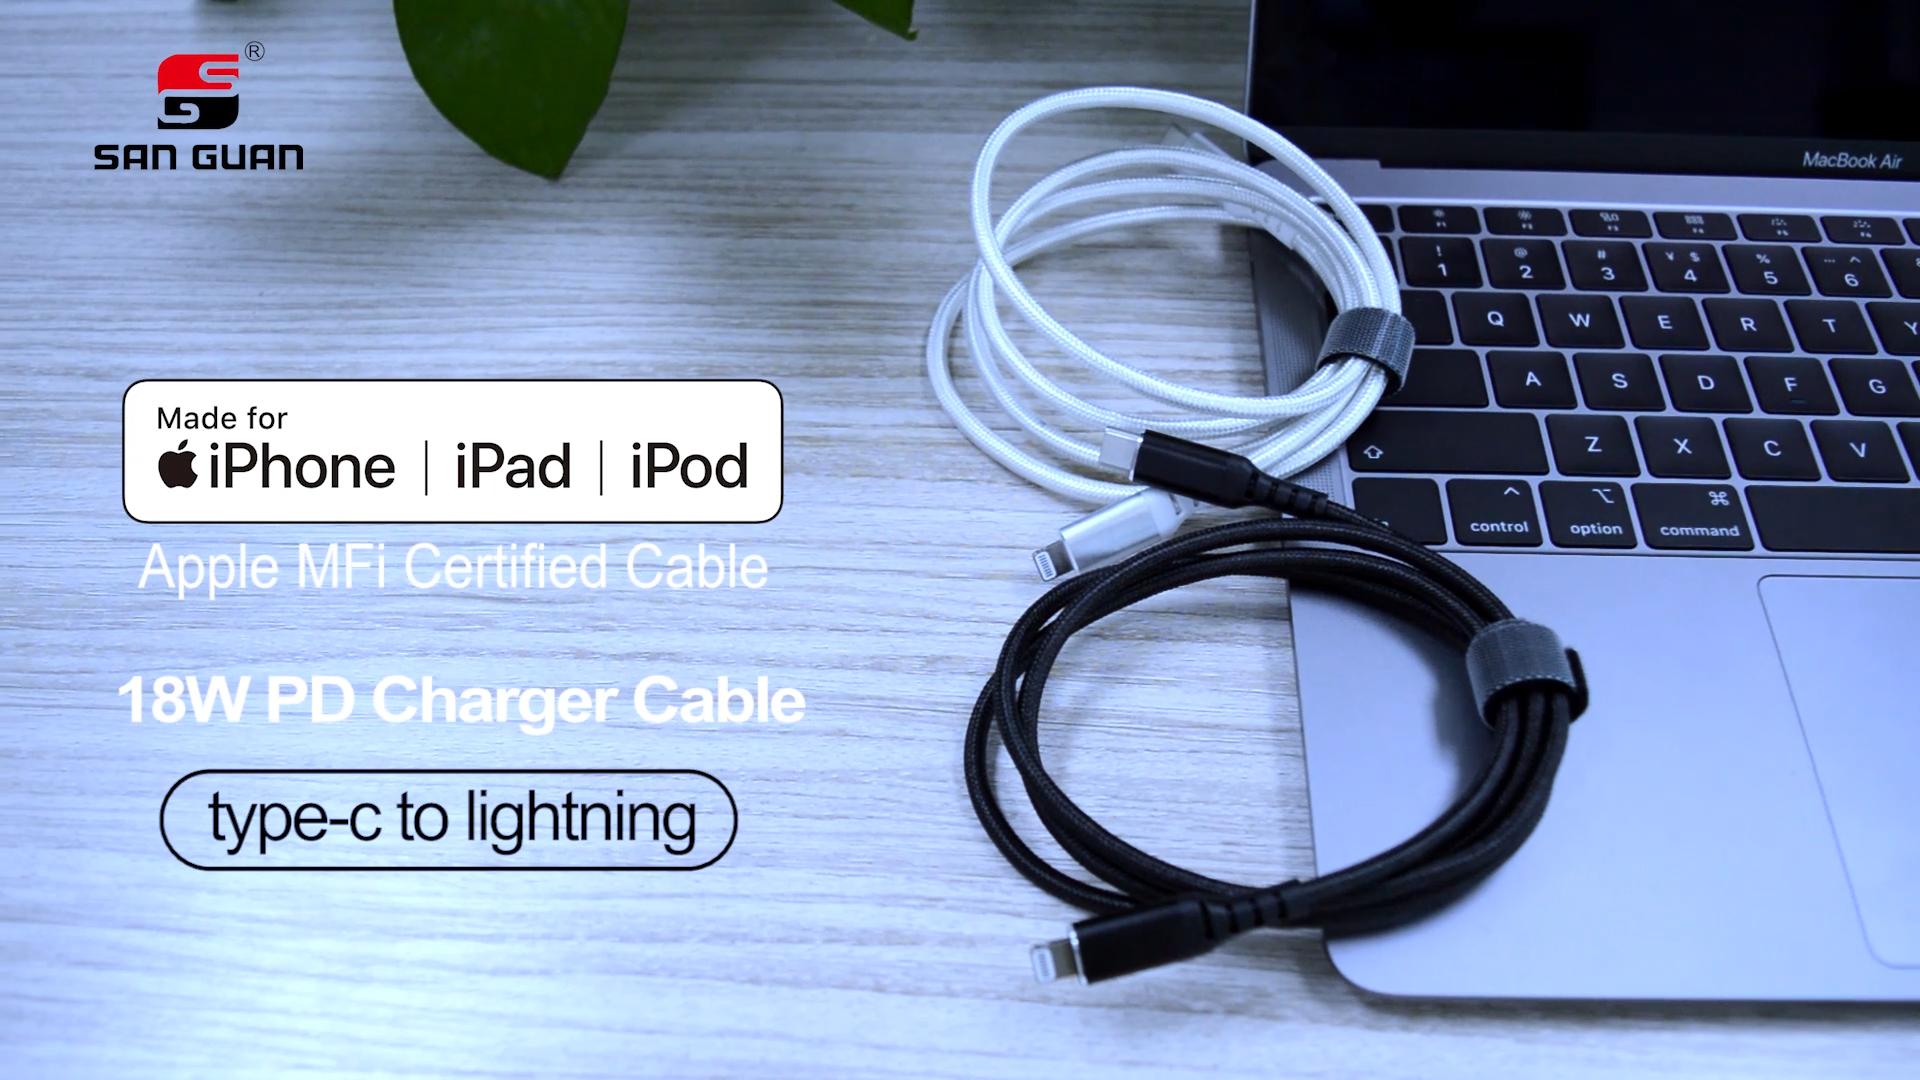 """מפעל Mfi מוסמך Usb סוג C כדי ברקים כבל C94 E-מארק פ""""ד 18W תשלום מהיר 1M 2M עבור Iphone Ipad Ipod"""